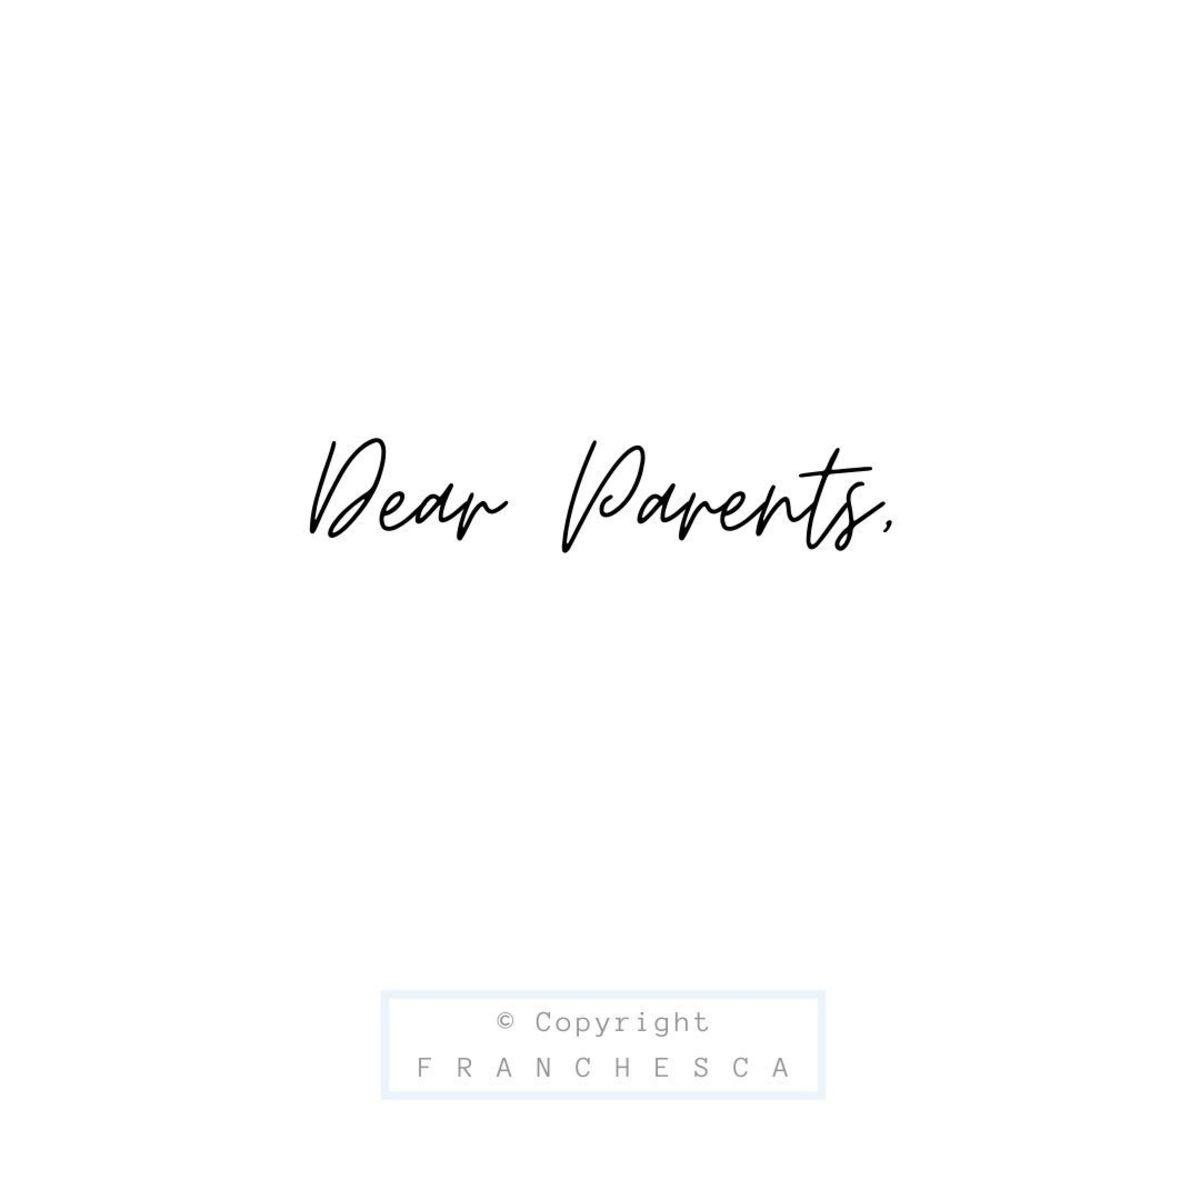 48th Article: Dear Parents,